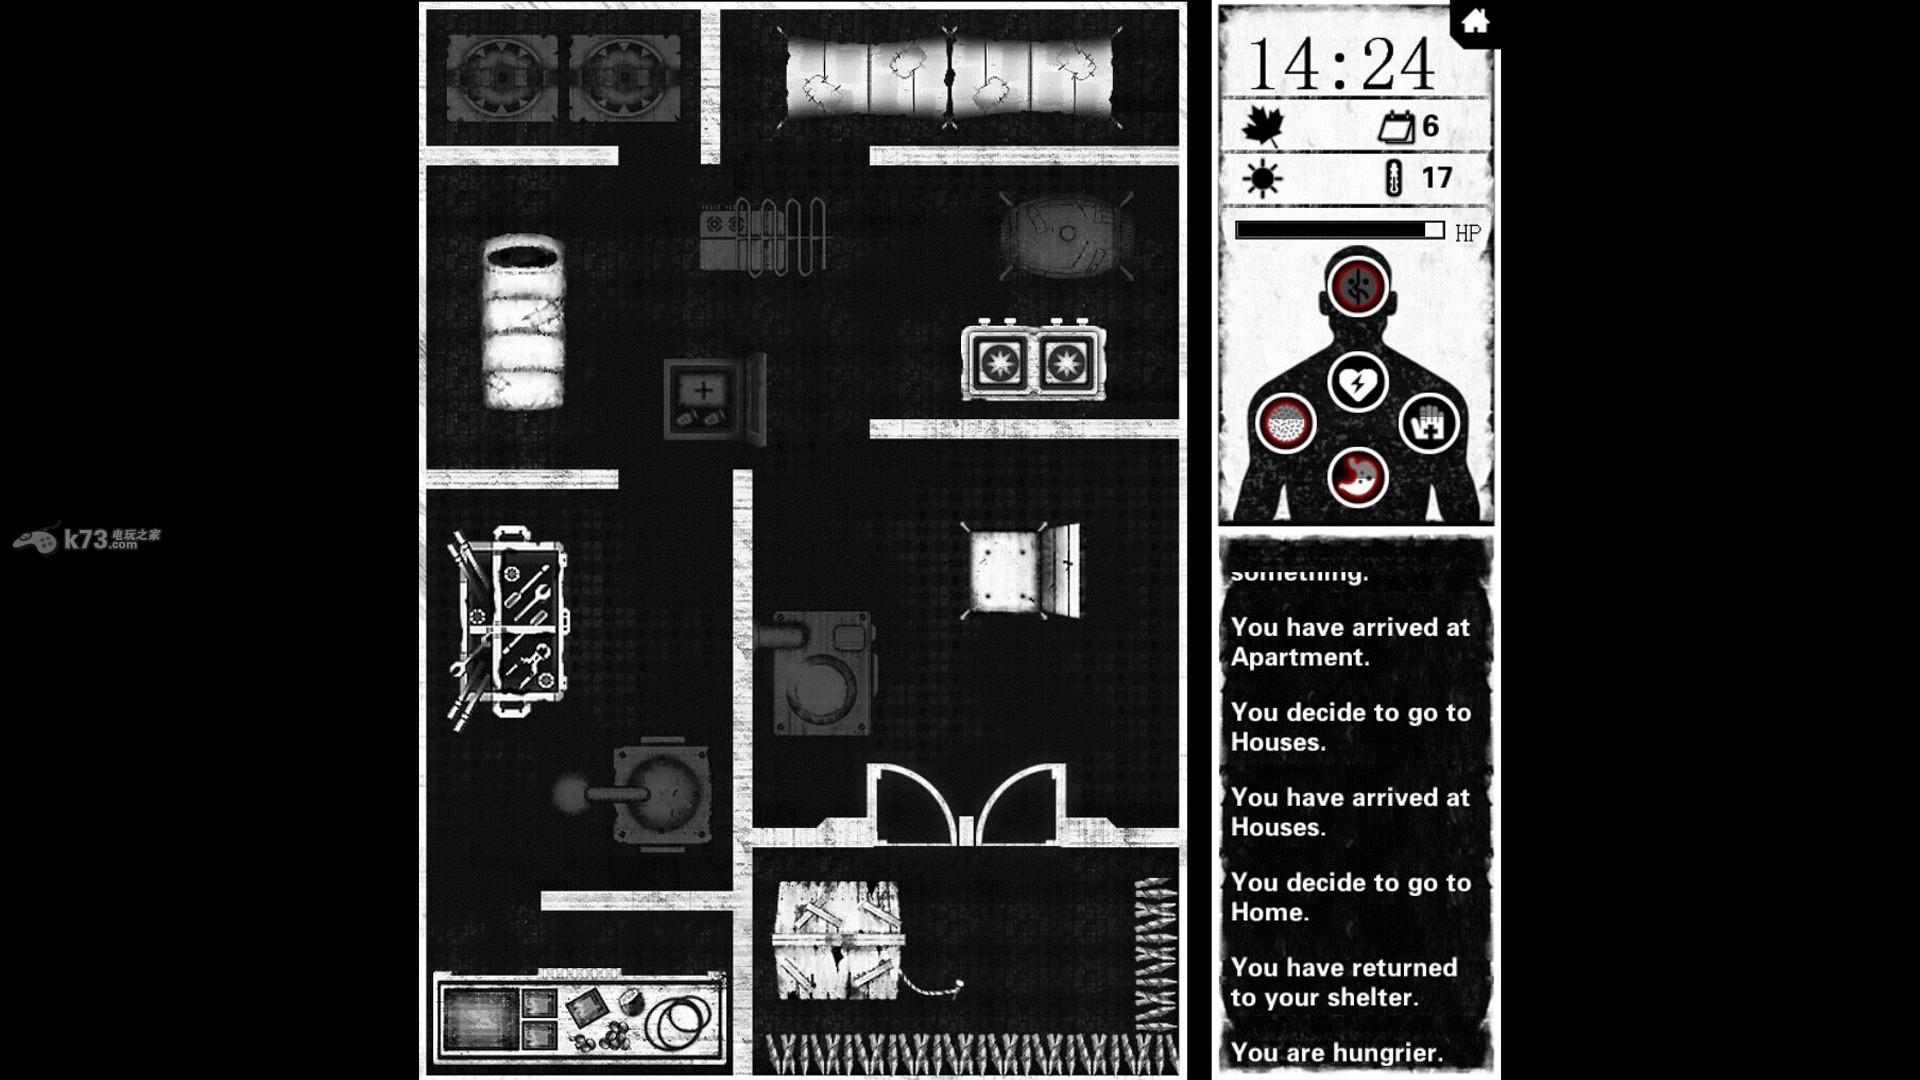 《死亡日记(BuriedTown)》由Dice7打造、LOCOJOY代理发行的生存策略游戏,黑白为主色调的画面+生化僵尸题材给予很强的感官冲击,玩家将伴随着恐怖诡异的音乐进行着躲避僵尸的游戏,喜欢生存逃生类游戏的玩家可以尝试一下,看看你能存活几天呢!